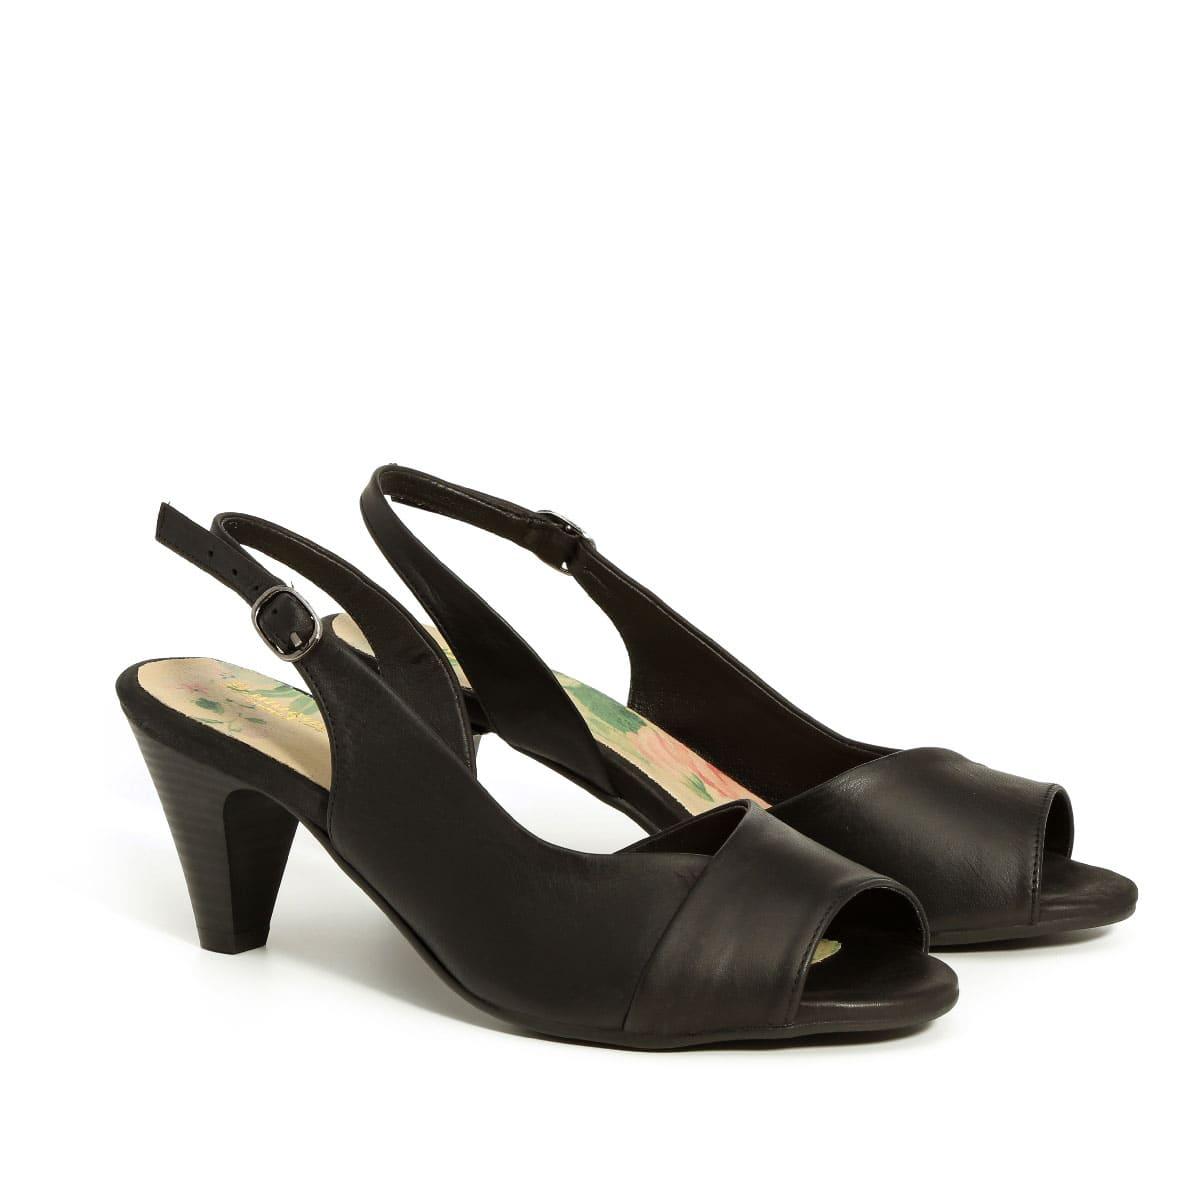 בלעדי לאתר - דגם מירי: נעלי עקב בצבע שחור